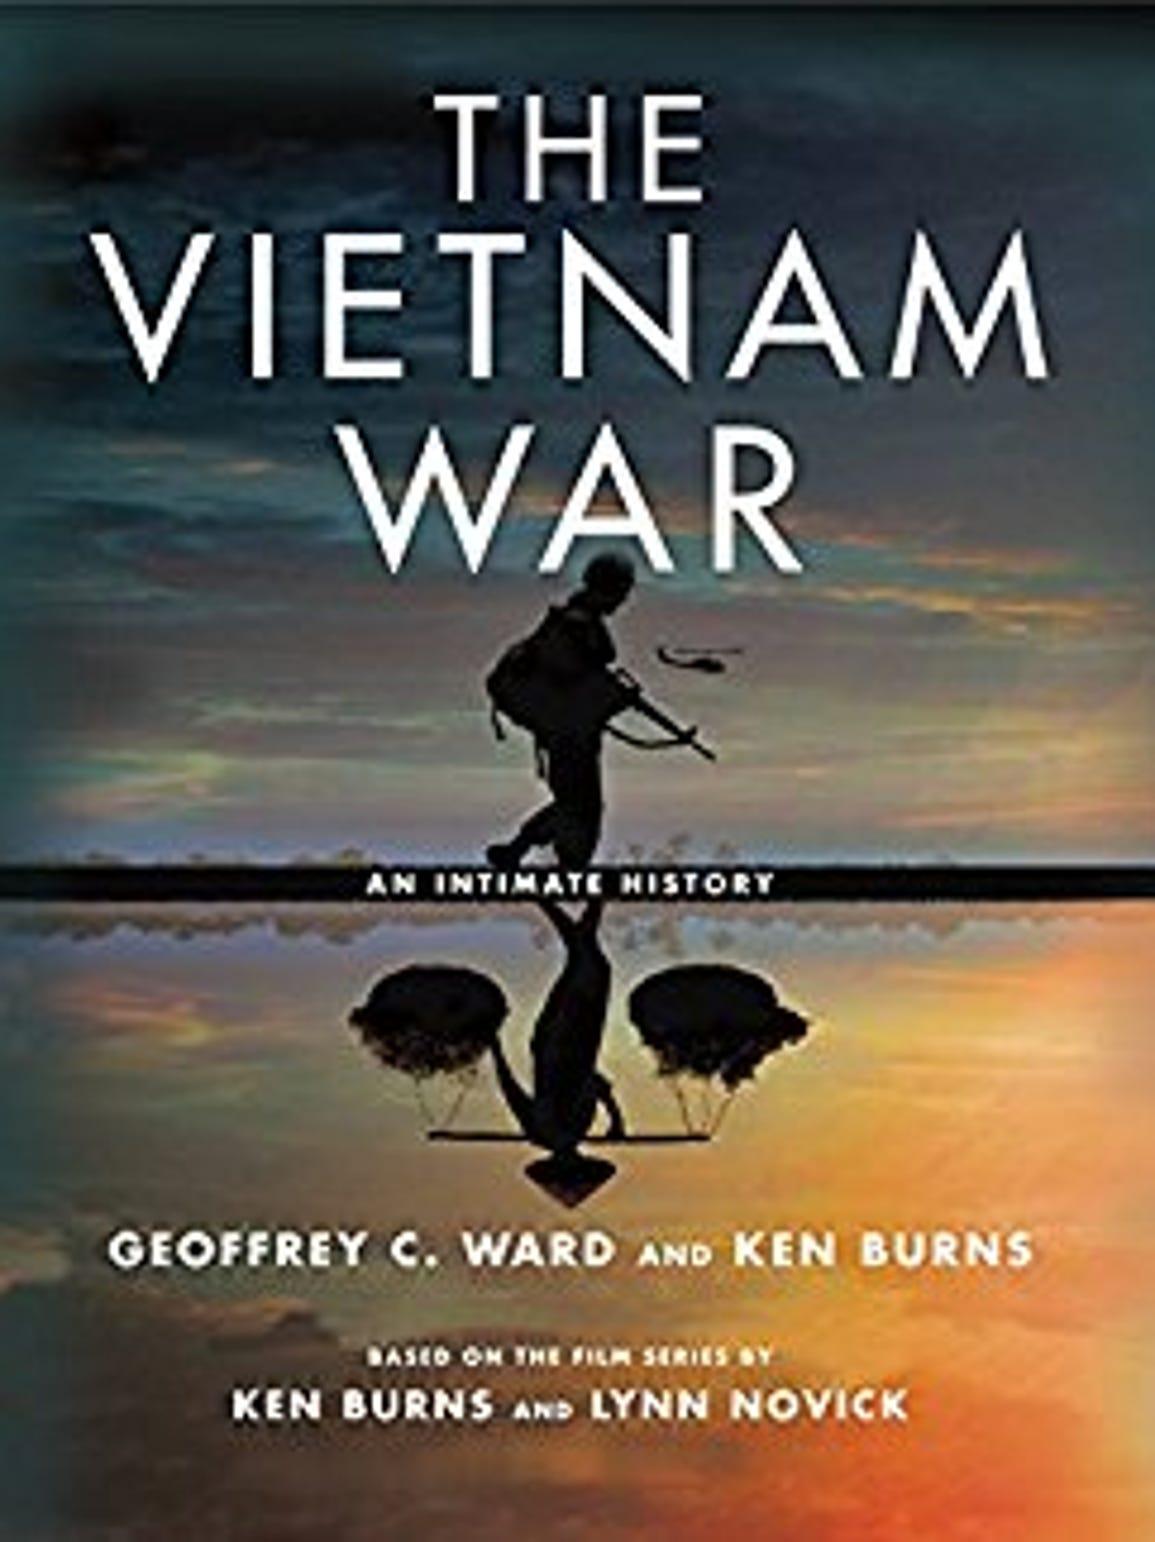 The Vietnam War cover.